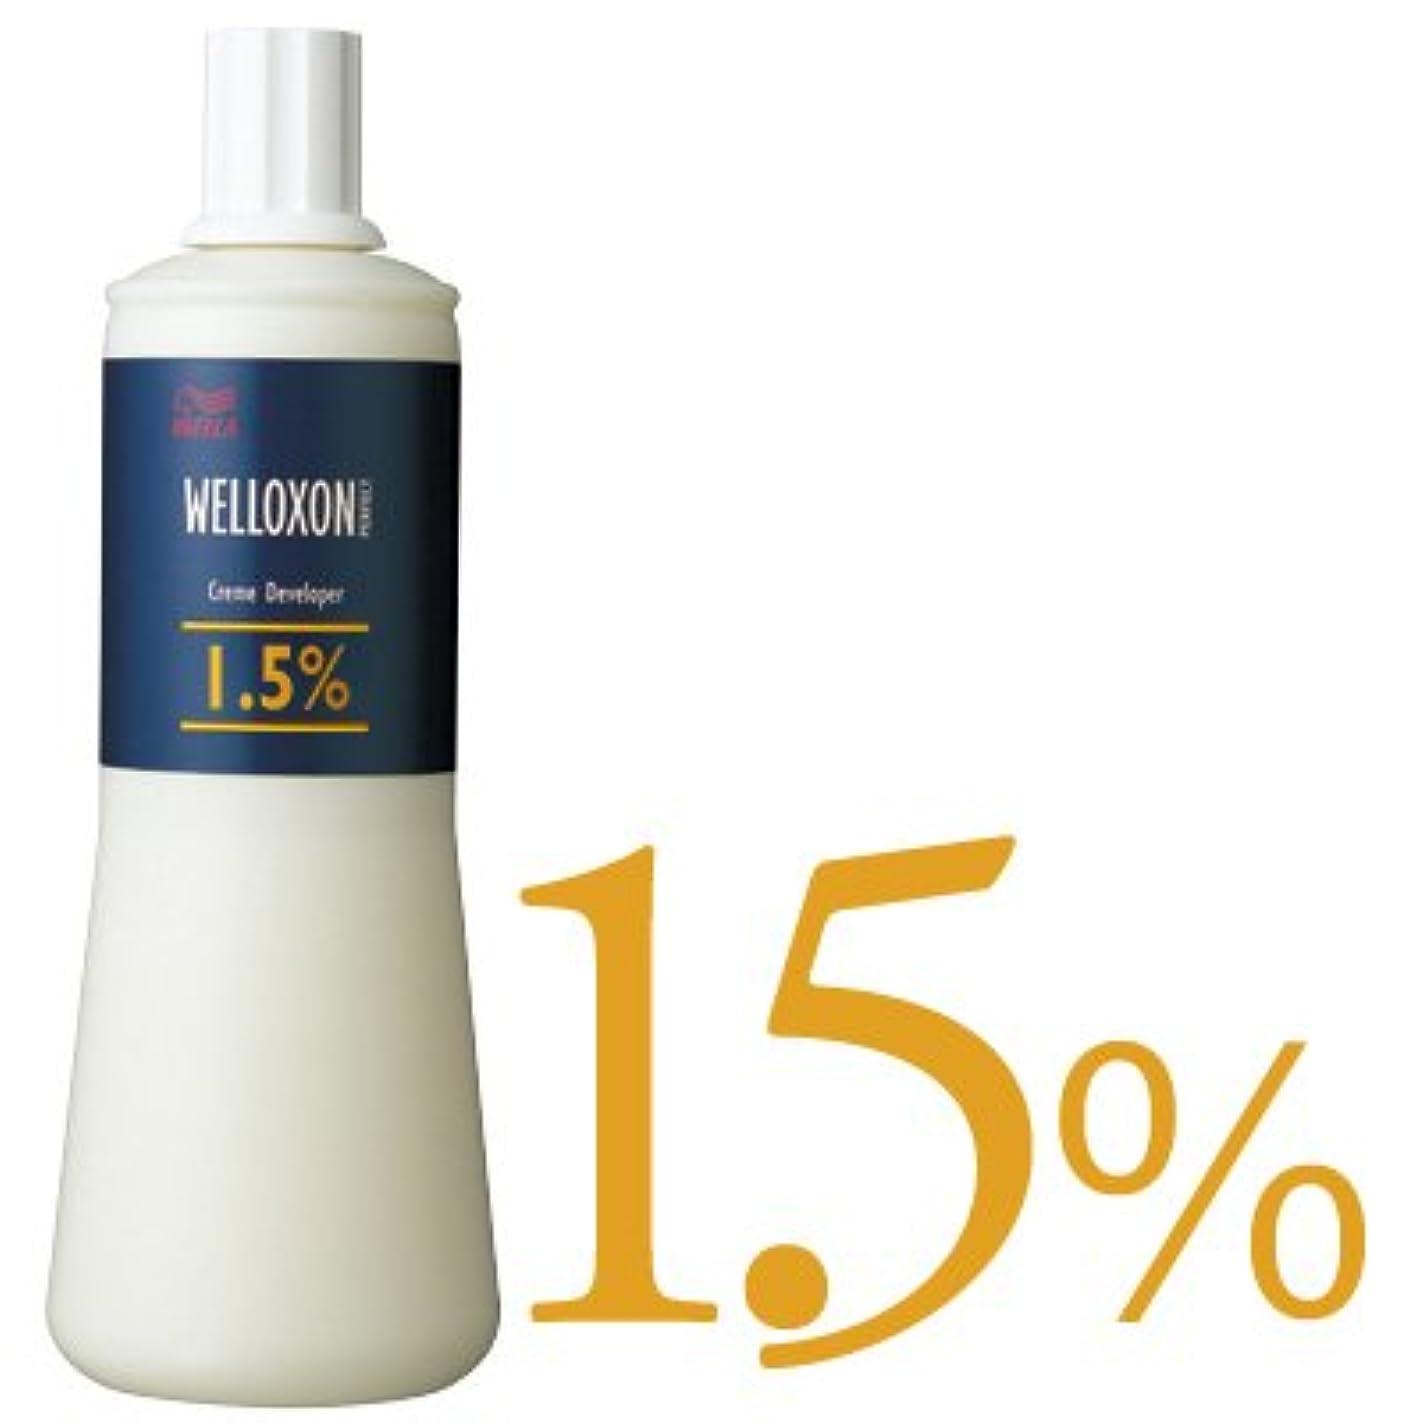 これまでボンド夏ウエラ ウエロキソンパーフェクト 1.5%